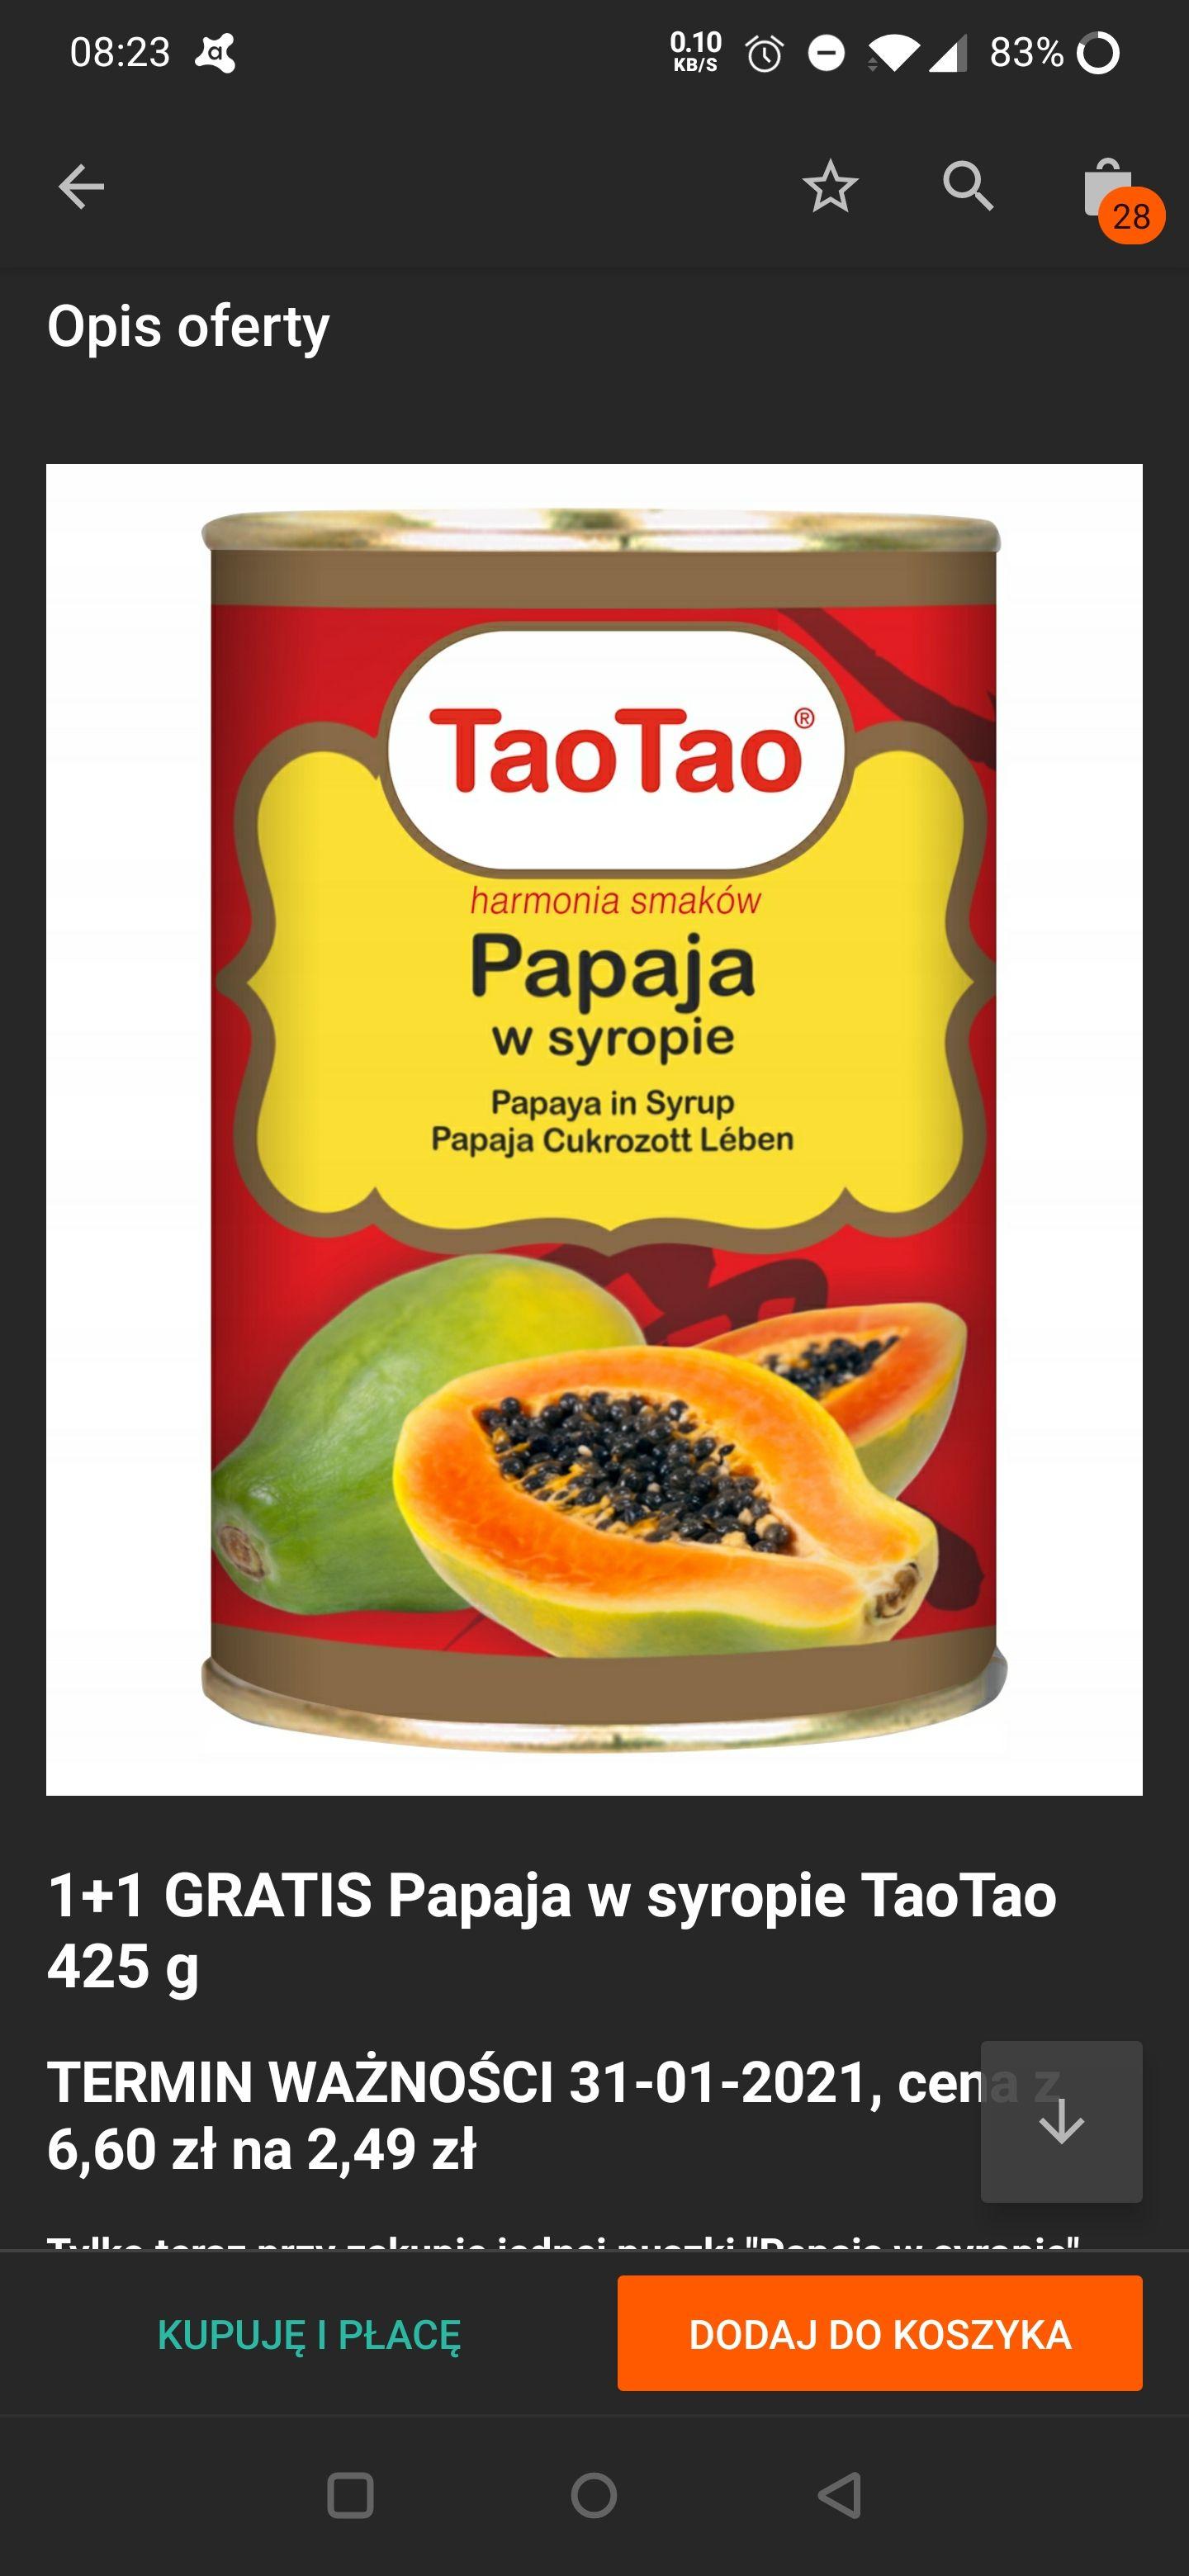 Papaja w syropie za 2,49 PLN 1+1 gratis termin ważności 31.01.2021